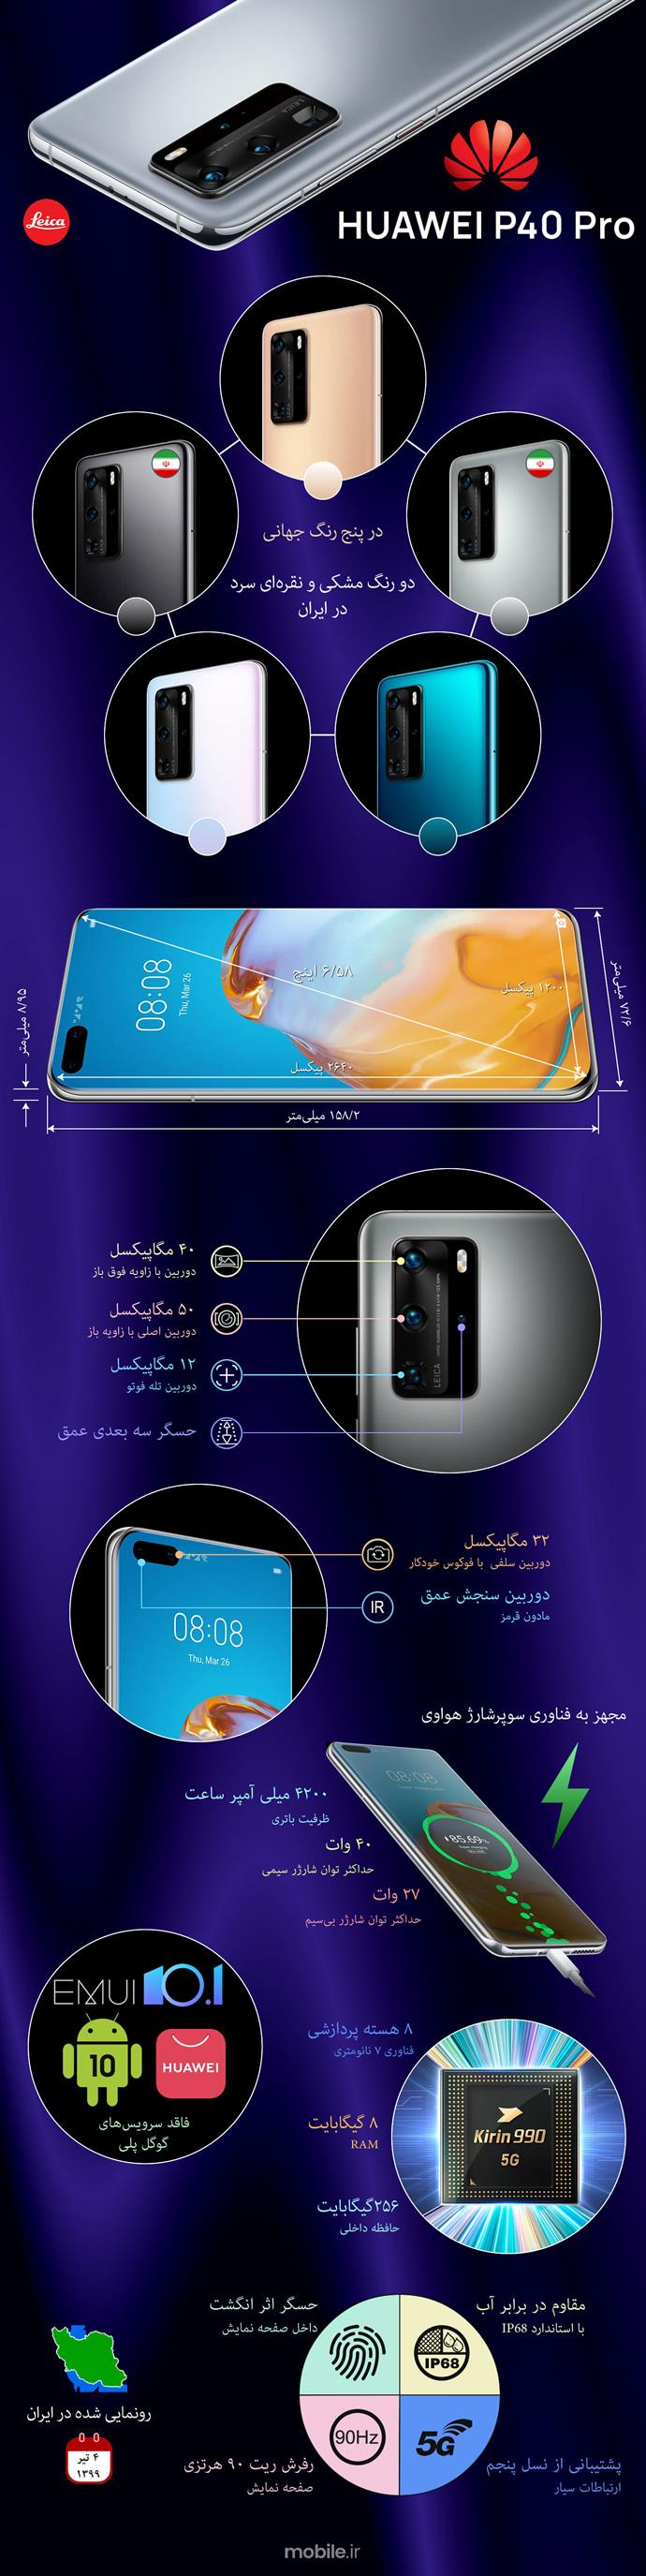 Huawei P40 Pro - هواوی پی 40 پرو